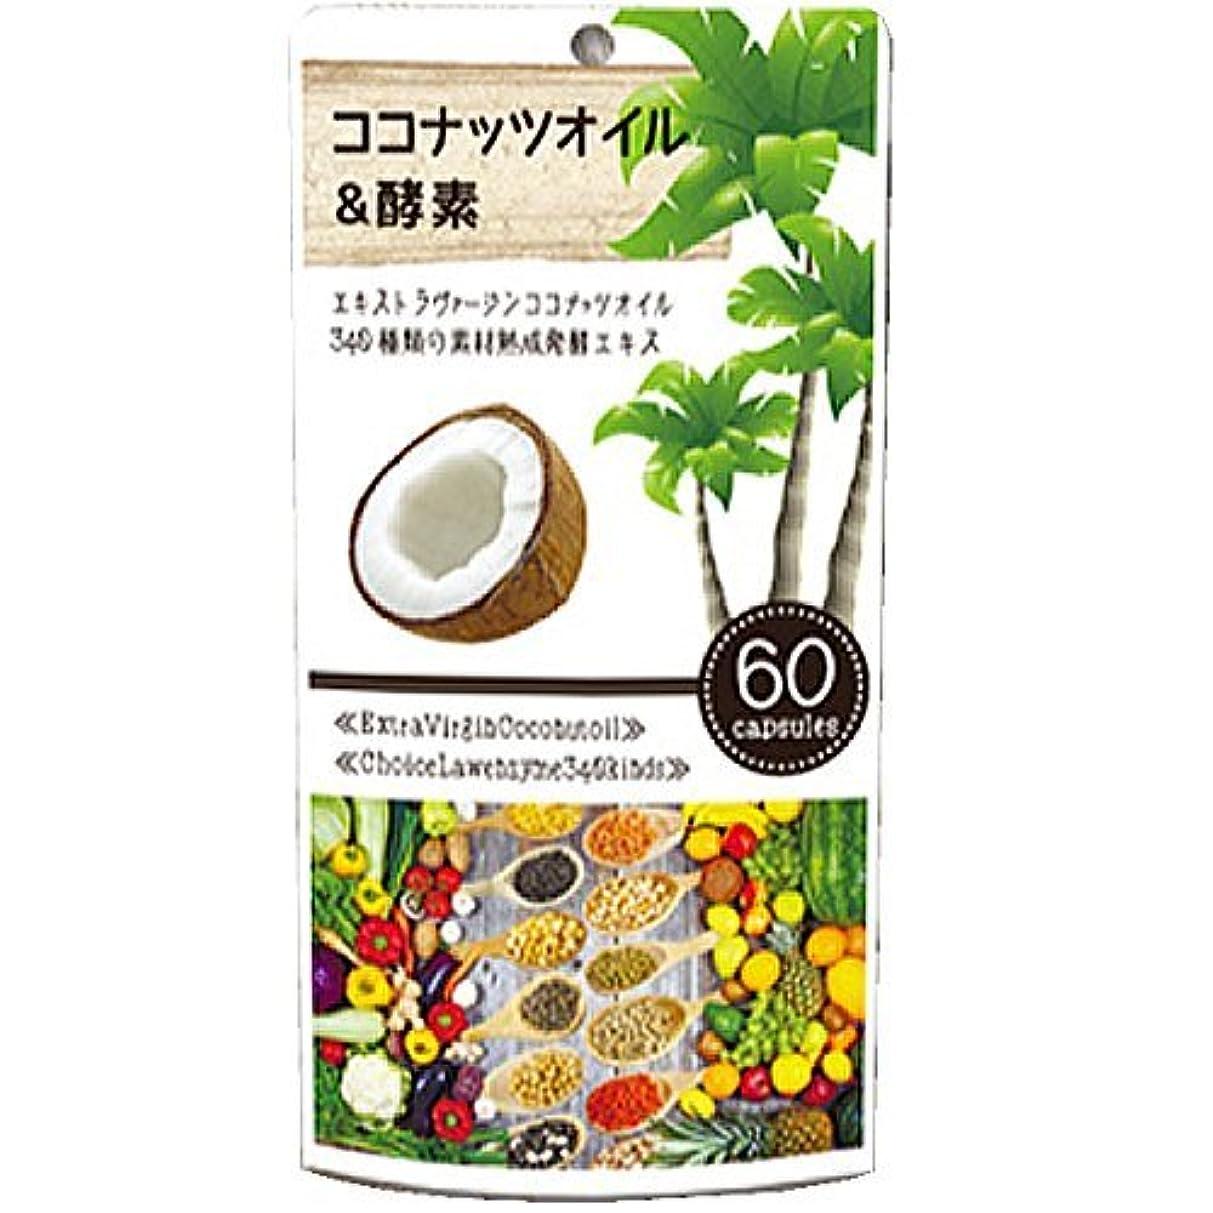 成熟プロポーショナルヘッドレスココナッツオイル&酵素 60粒